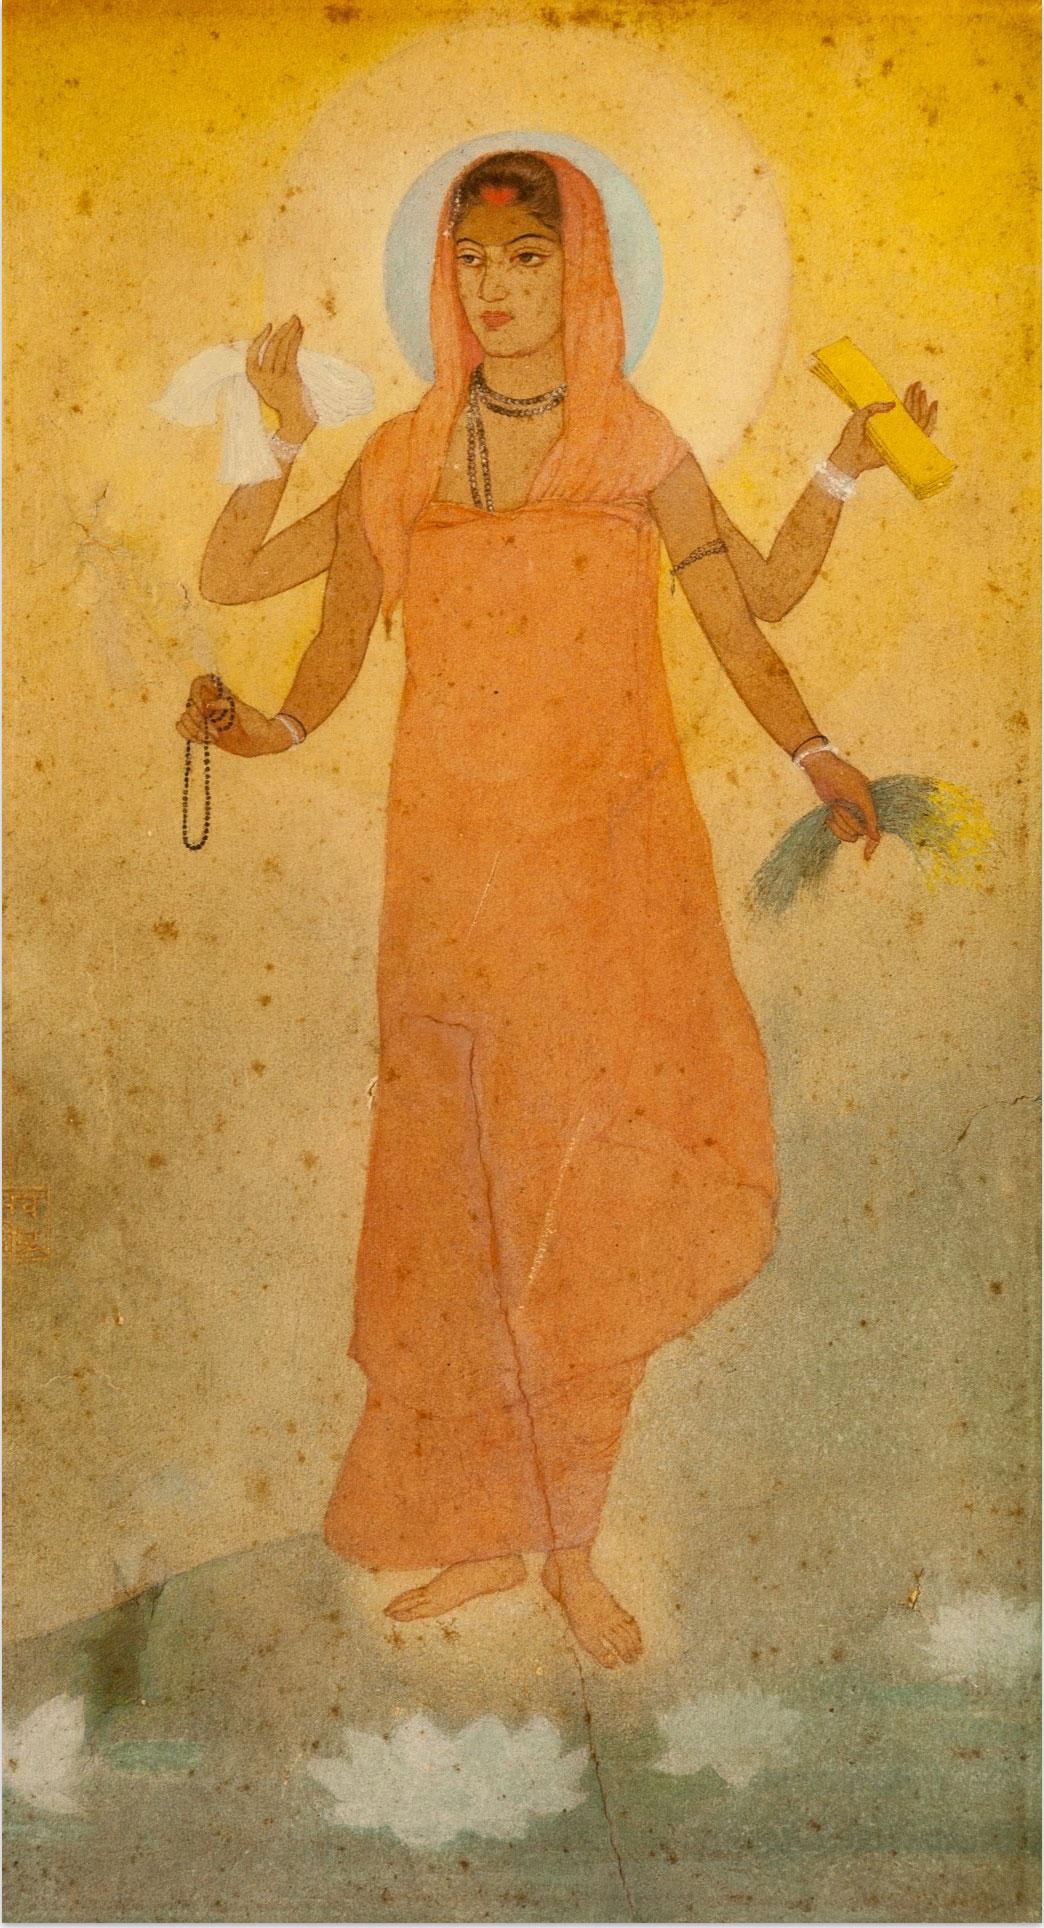 Bharatmata by Abanindranath Tagore 1905